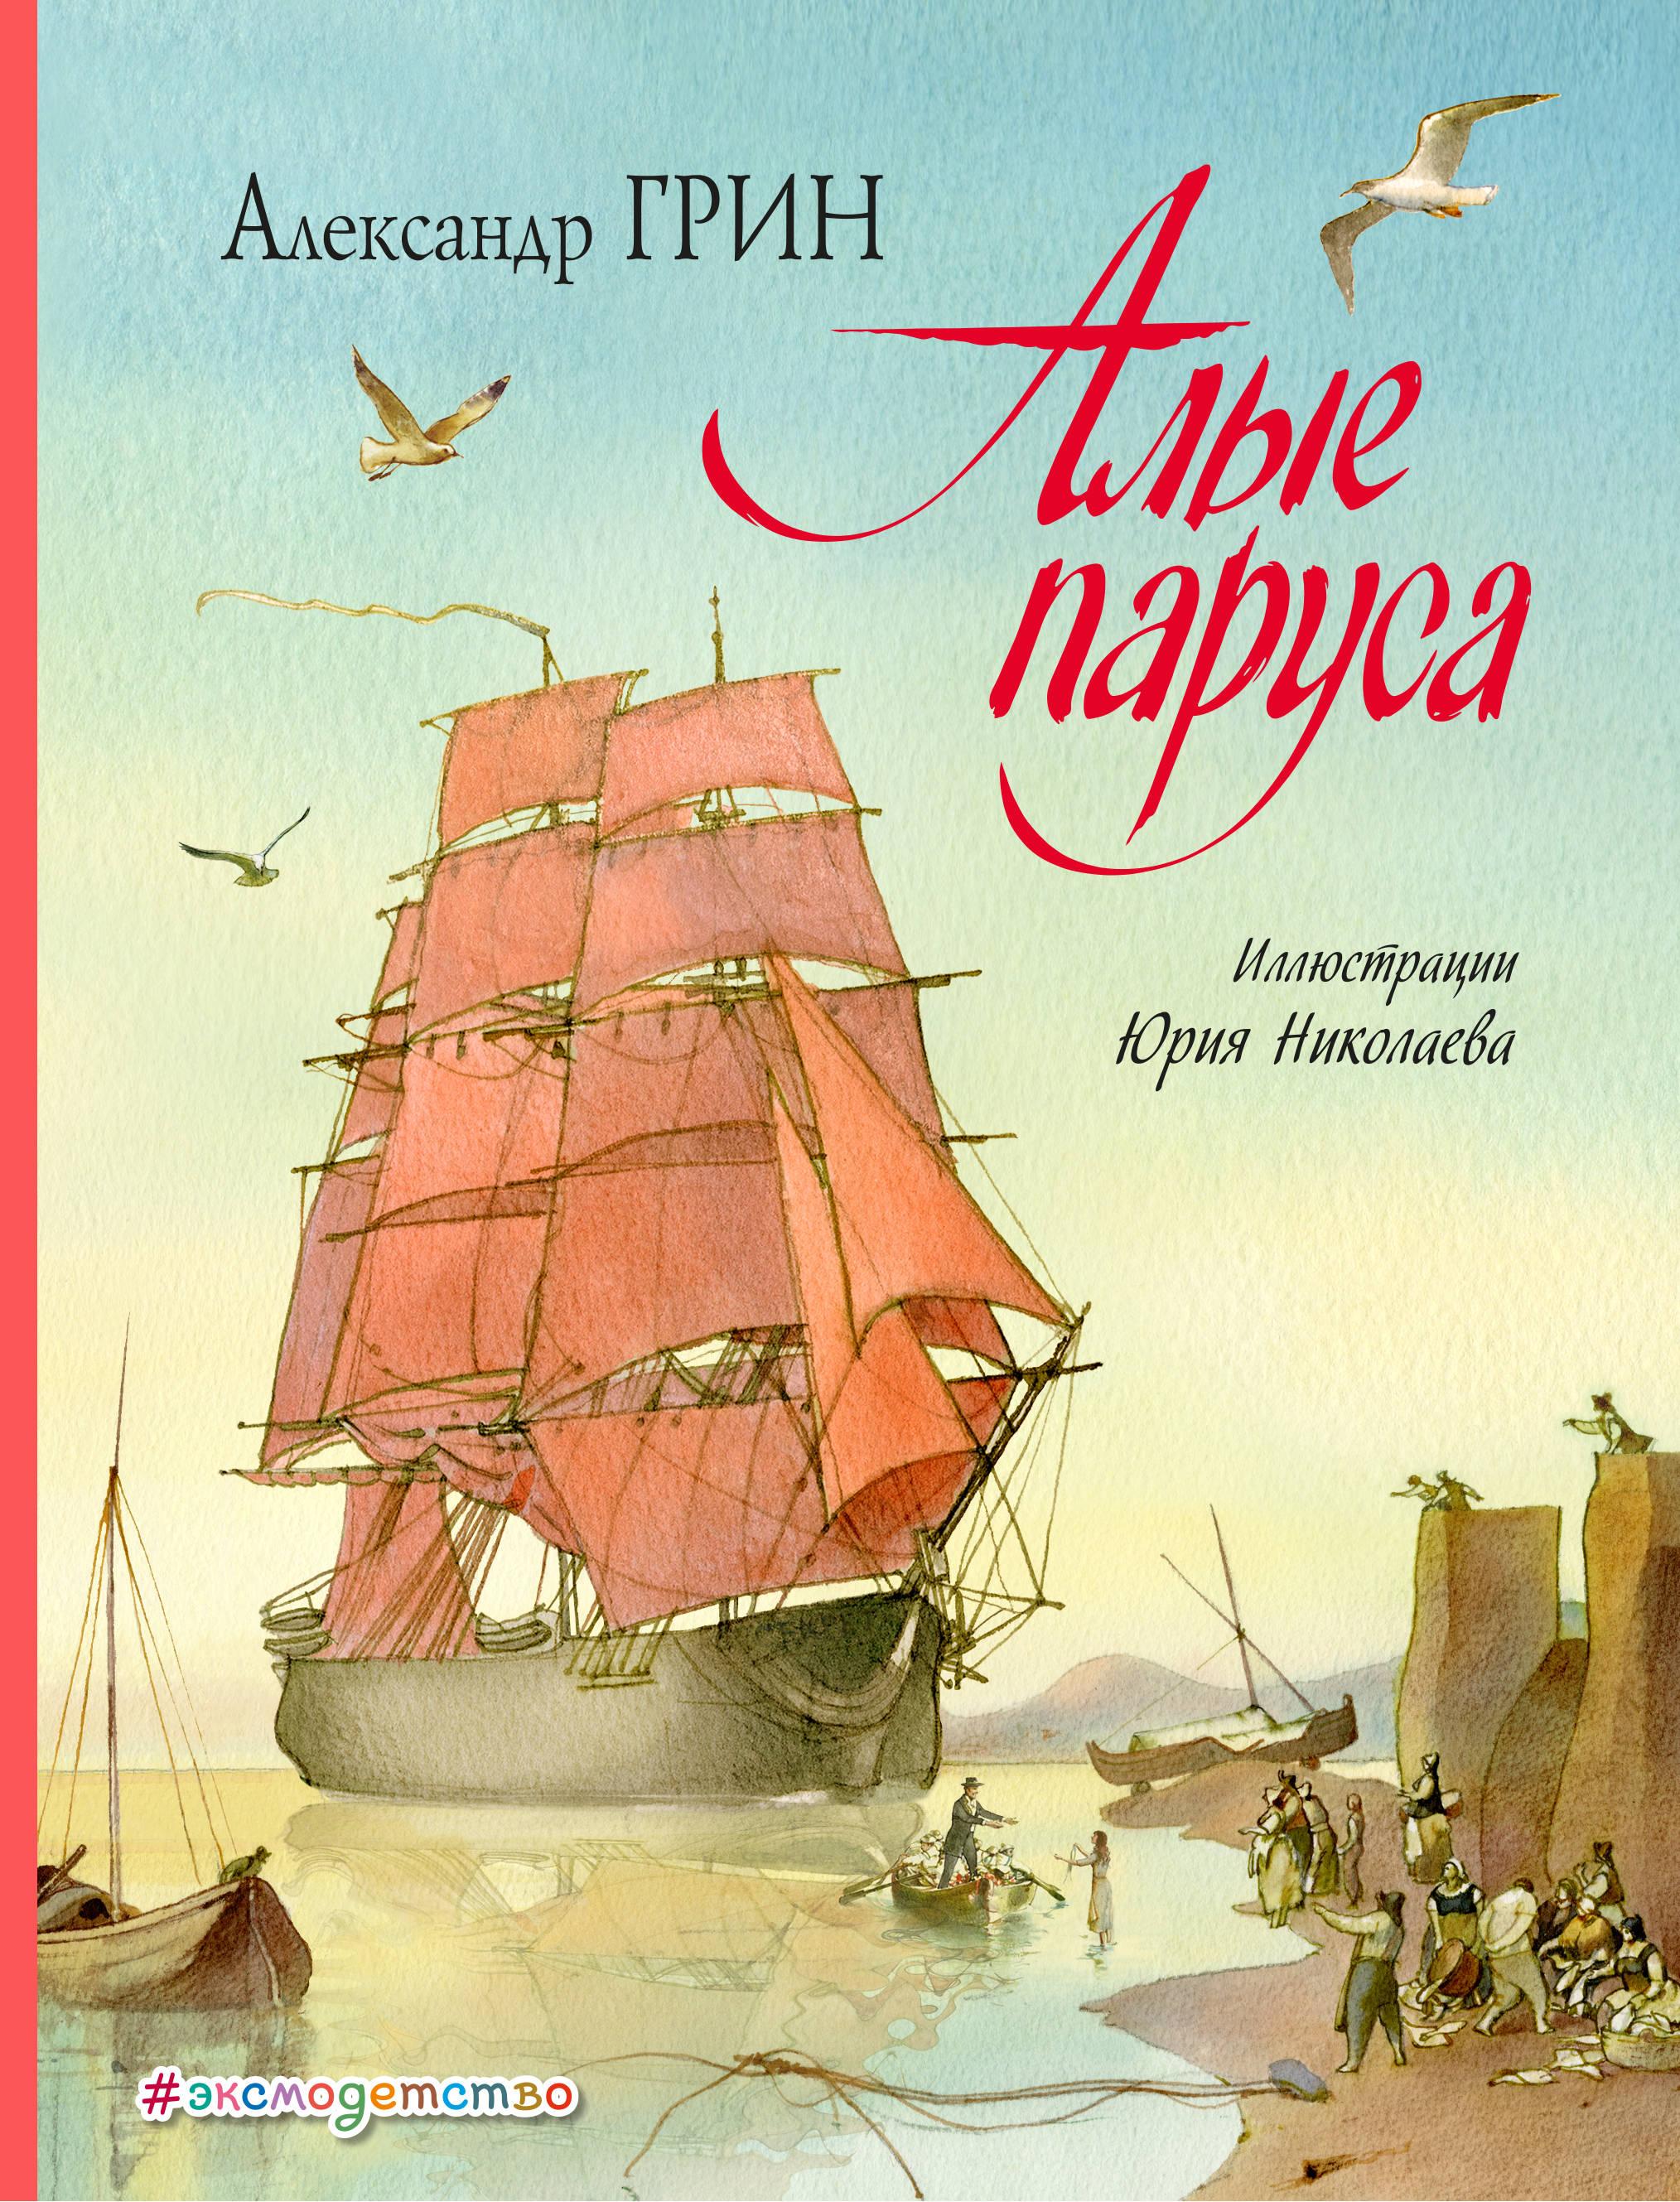 Рецензия на рассказ алые паруса 1655